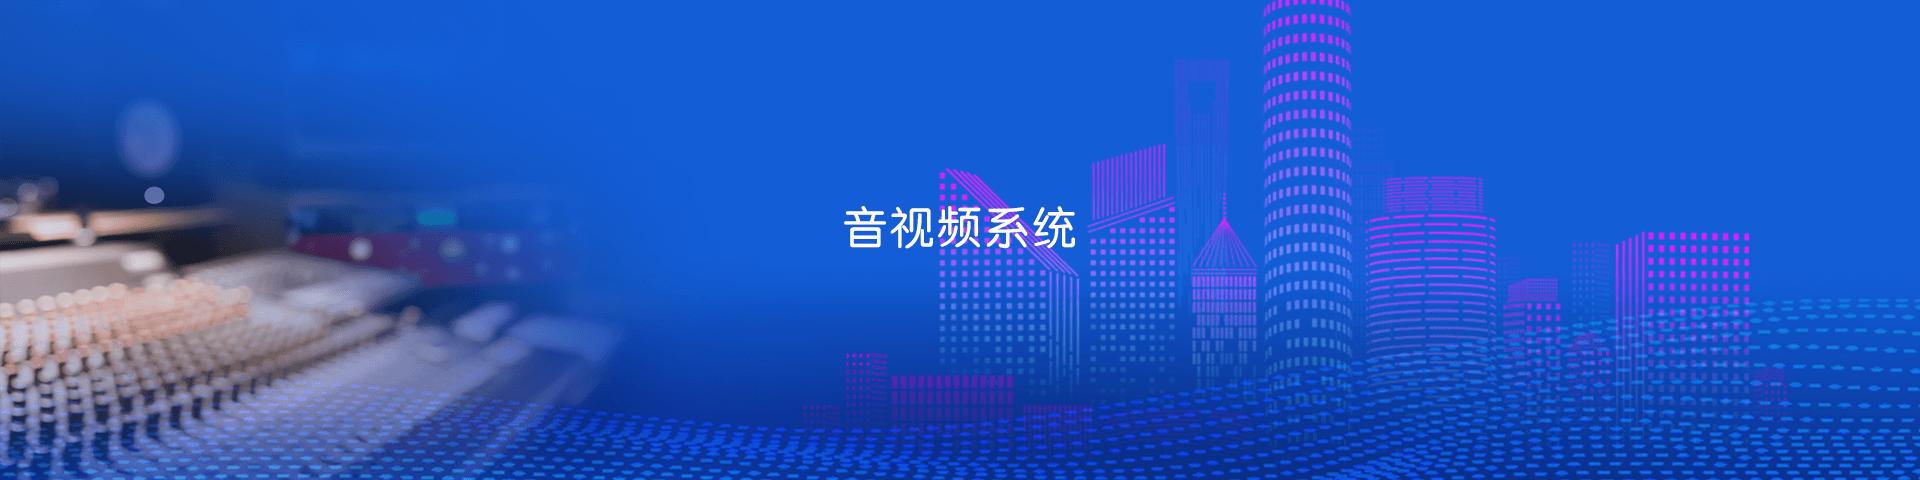 LCD拼接屏系统